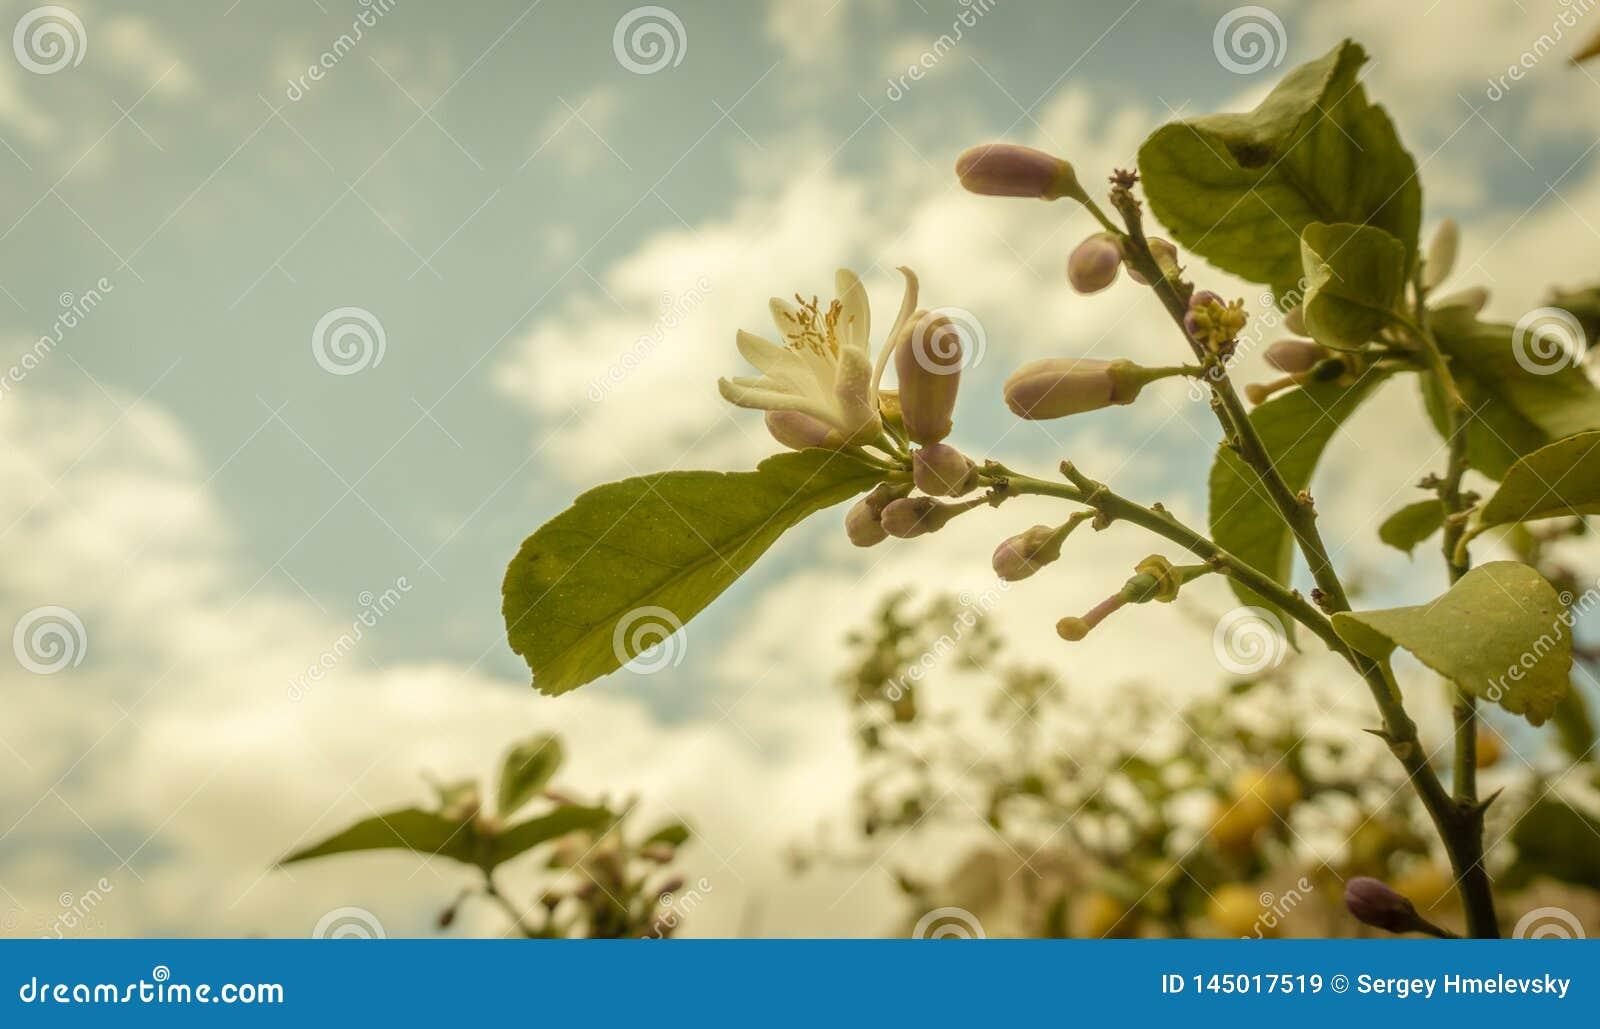 Een citroenboom in bloei